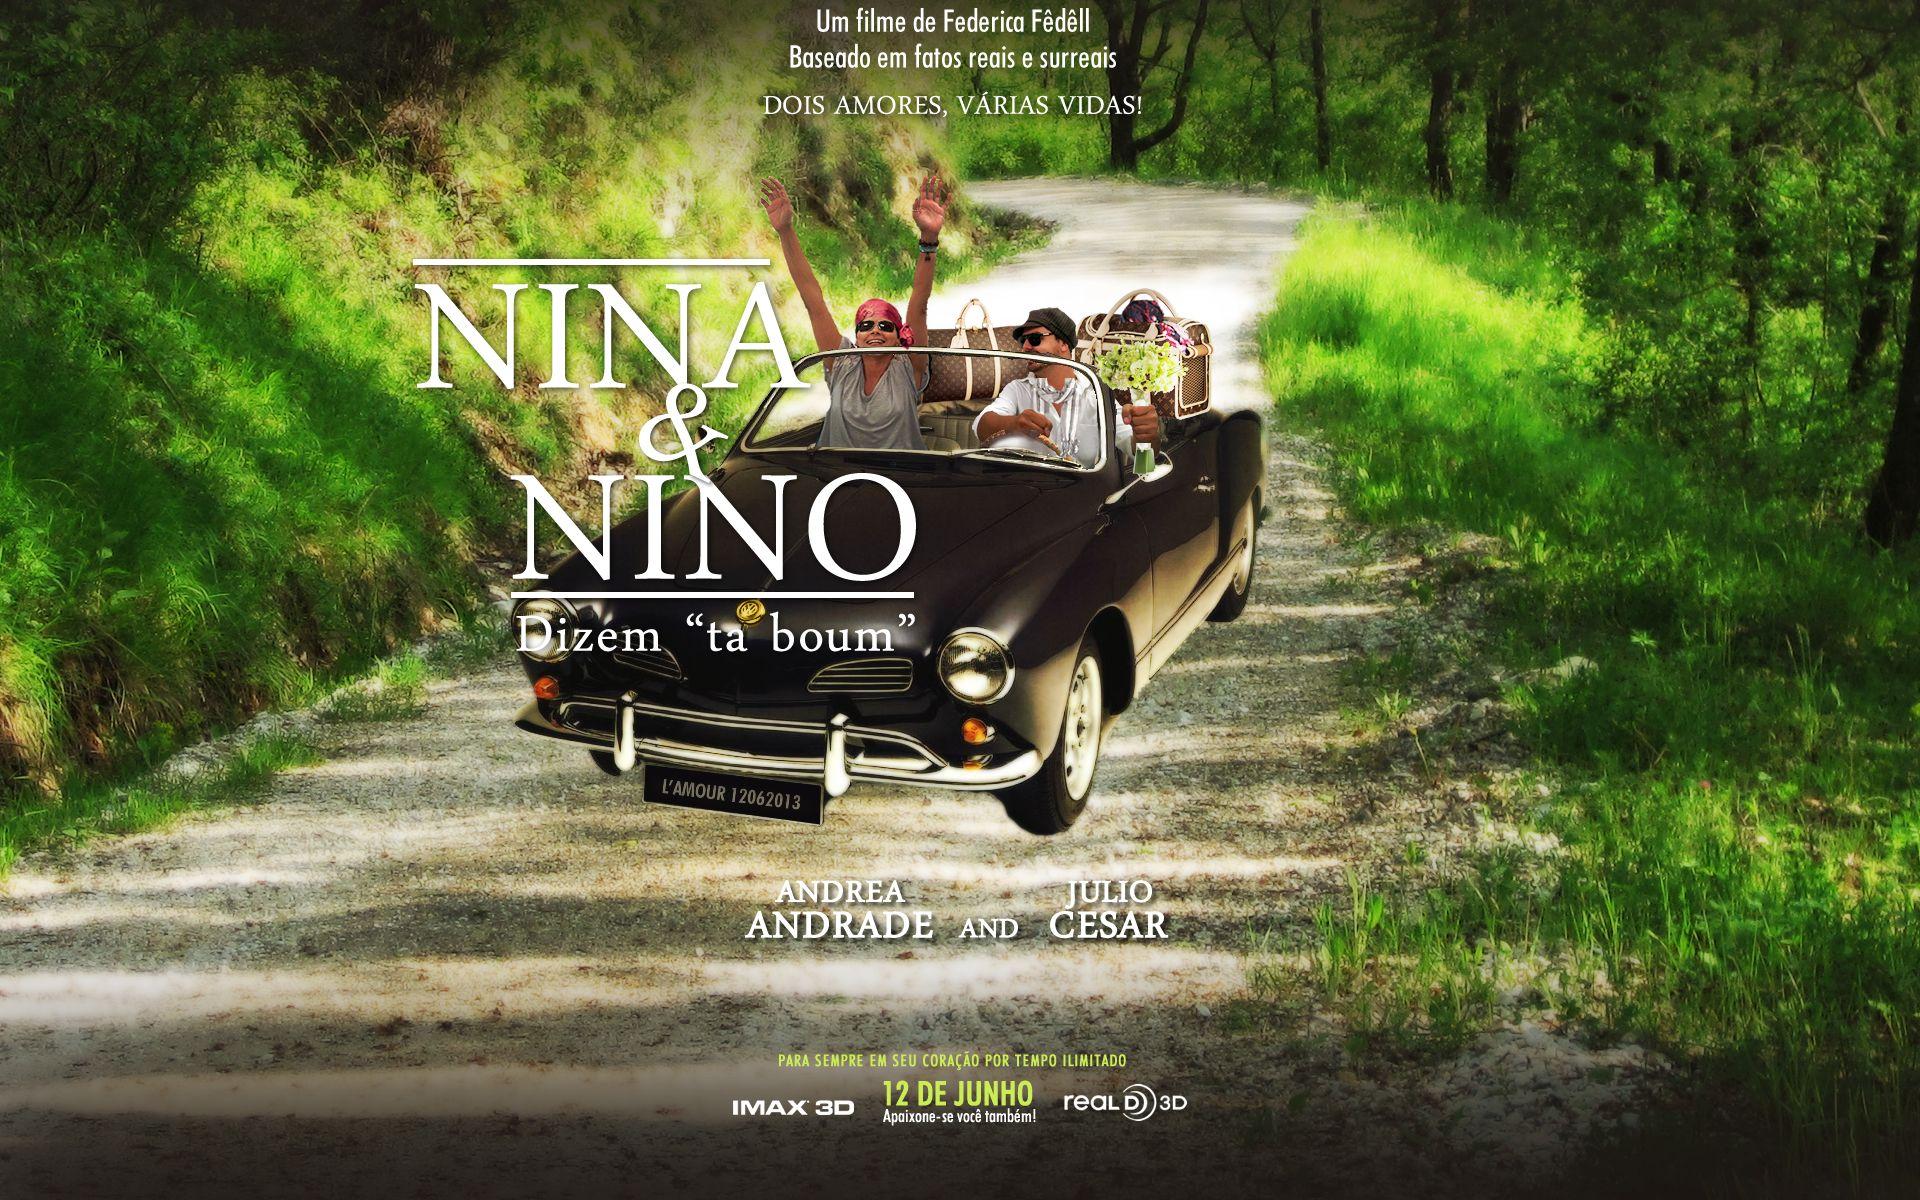 """Nina and Nino by AndreaAndrade  Concurso cultural """"Nina & Nino"""" participe!"""